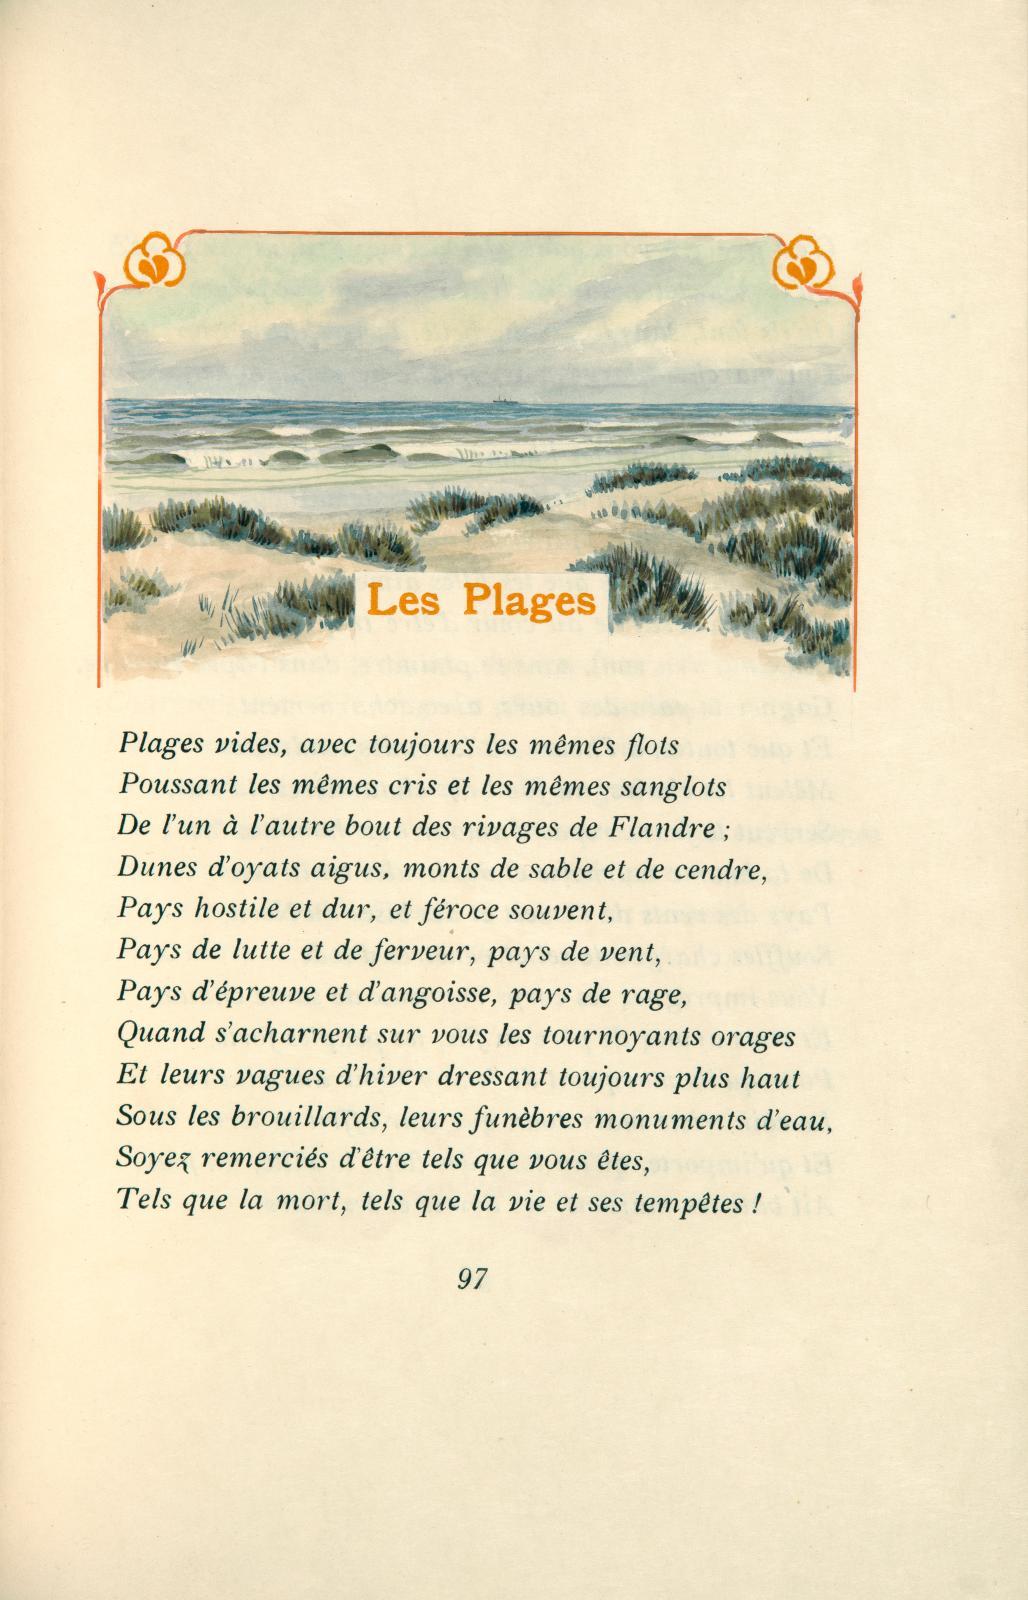 Émile Verhaeren (1855-1916), Toute la Flandre. La Guirlande des dunes. Les Villes à pignons. Les Plaines, Bruxelles, Edmond Deman, 1907-19